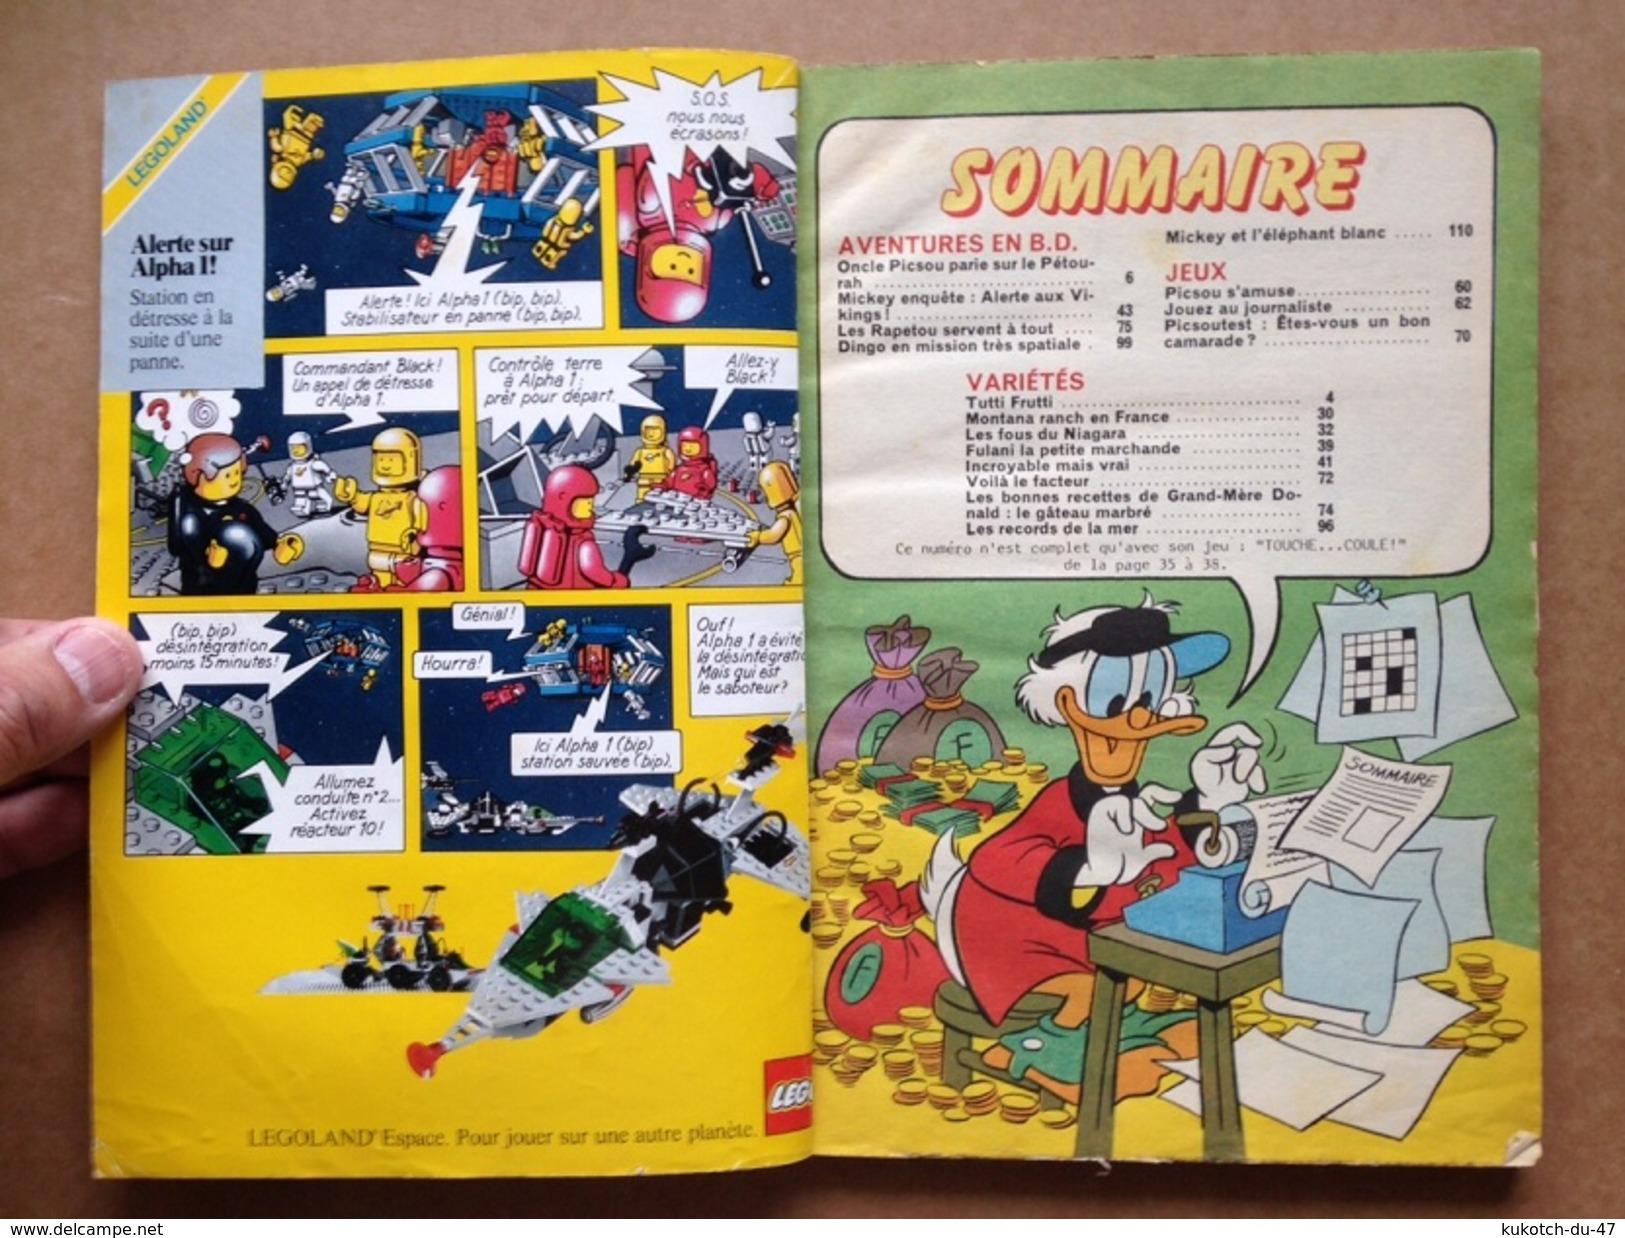 Disney - Picsou Magazine ° Année 1985 - N°158 - Picsou Magazine